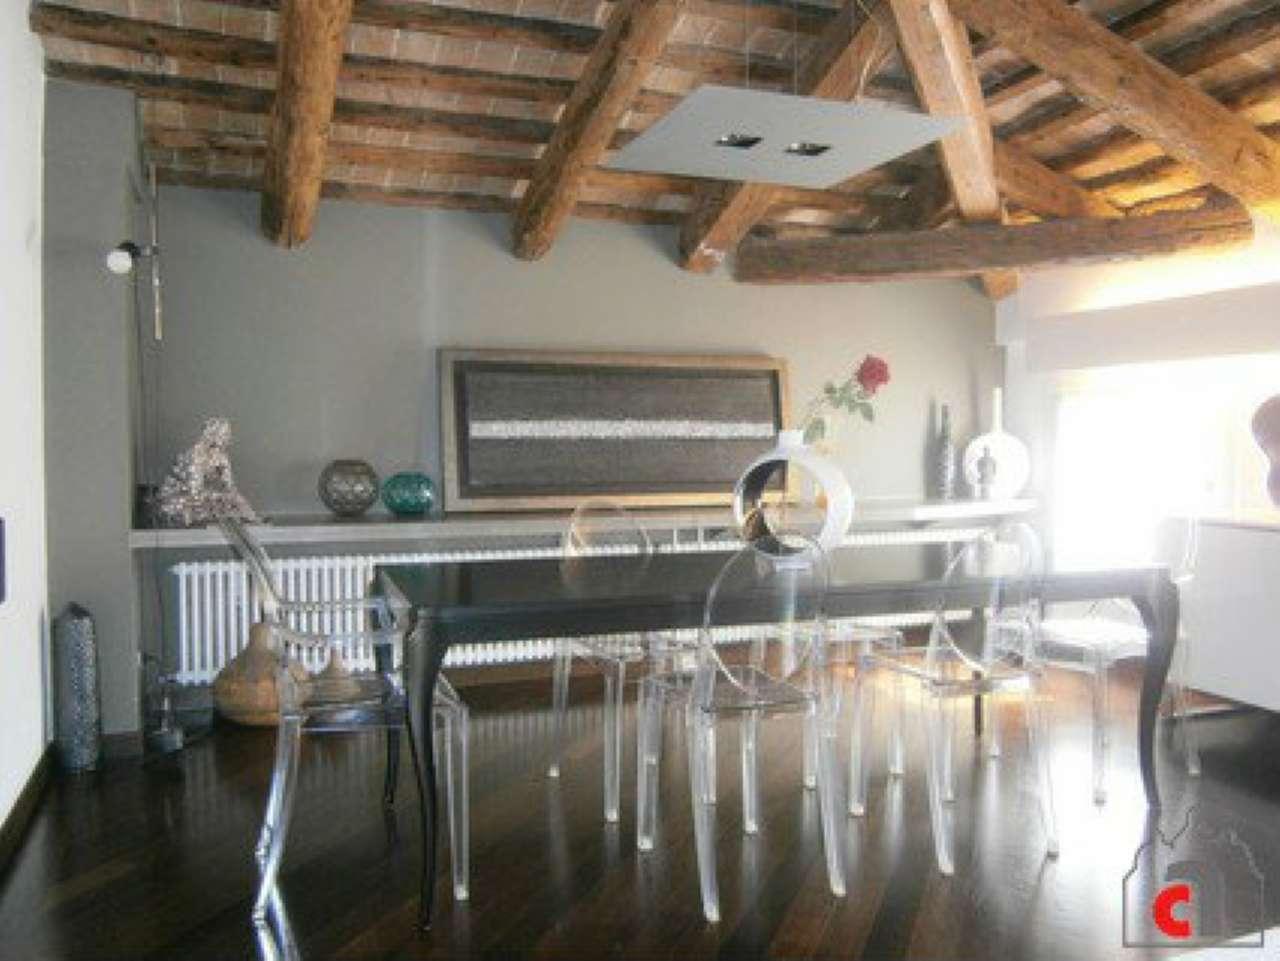 Appartamento in vendita a Padova, 5 locali, zona Zona: 1 . Centro, prezzo € 620.000 | CambioCasa.it